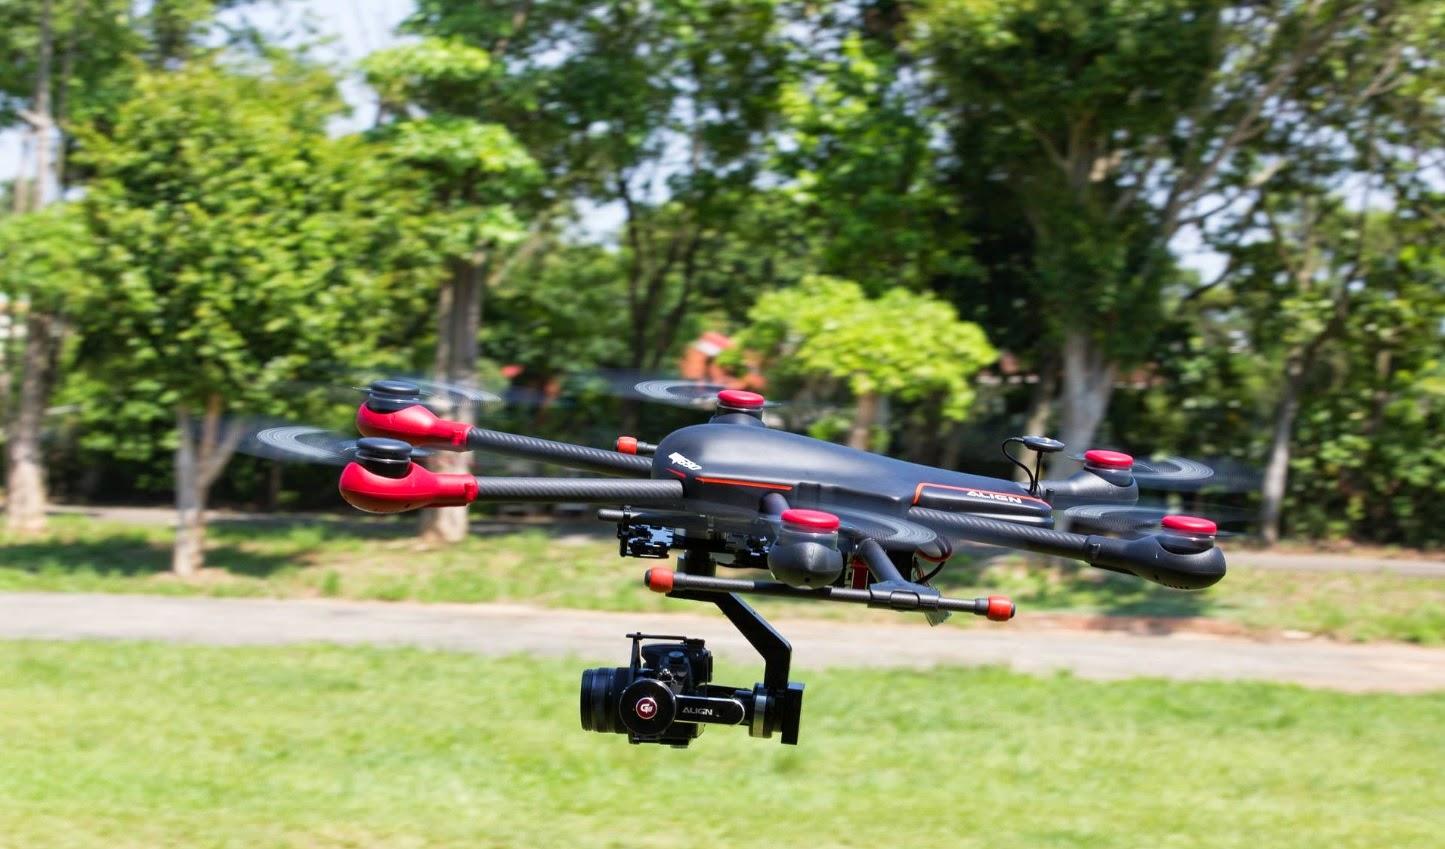 lavori rivoluzionati dai droni